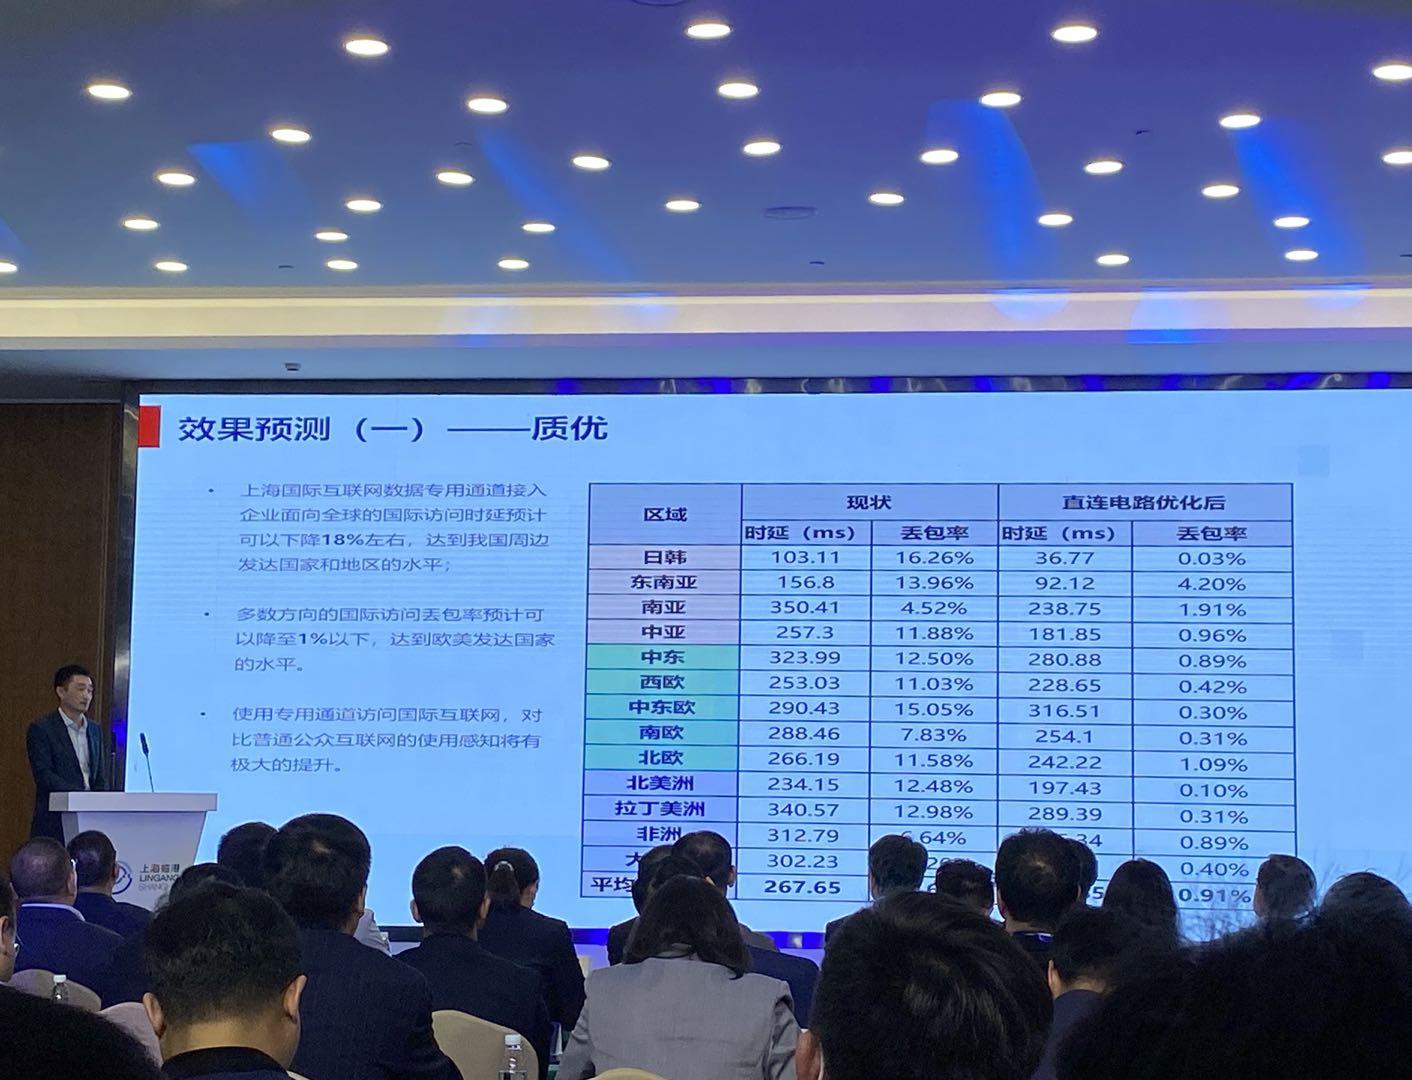 必晟娱乐新闻:上海国际互联网数据专用通道在临港新片区启动